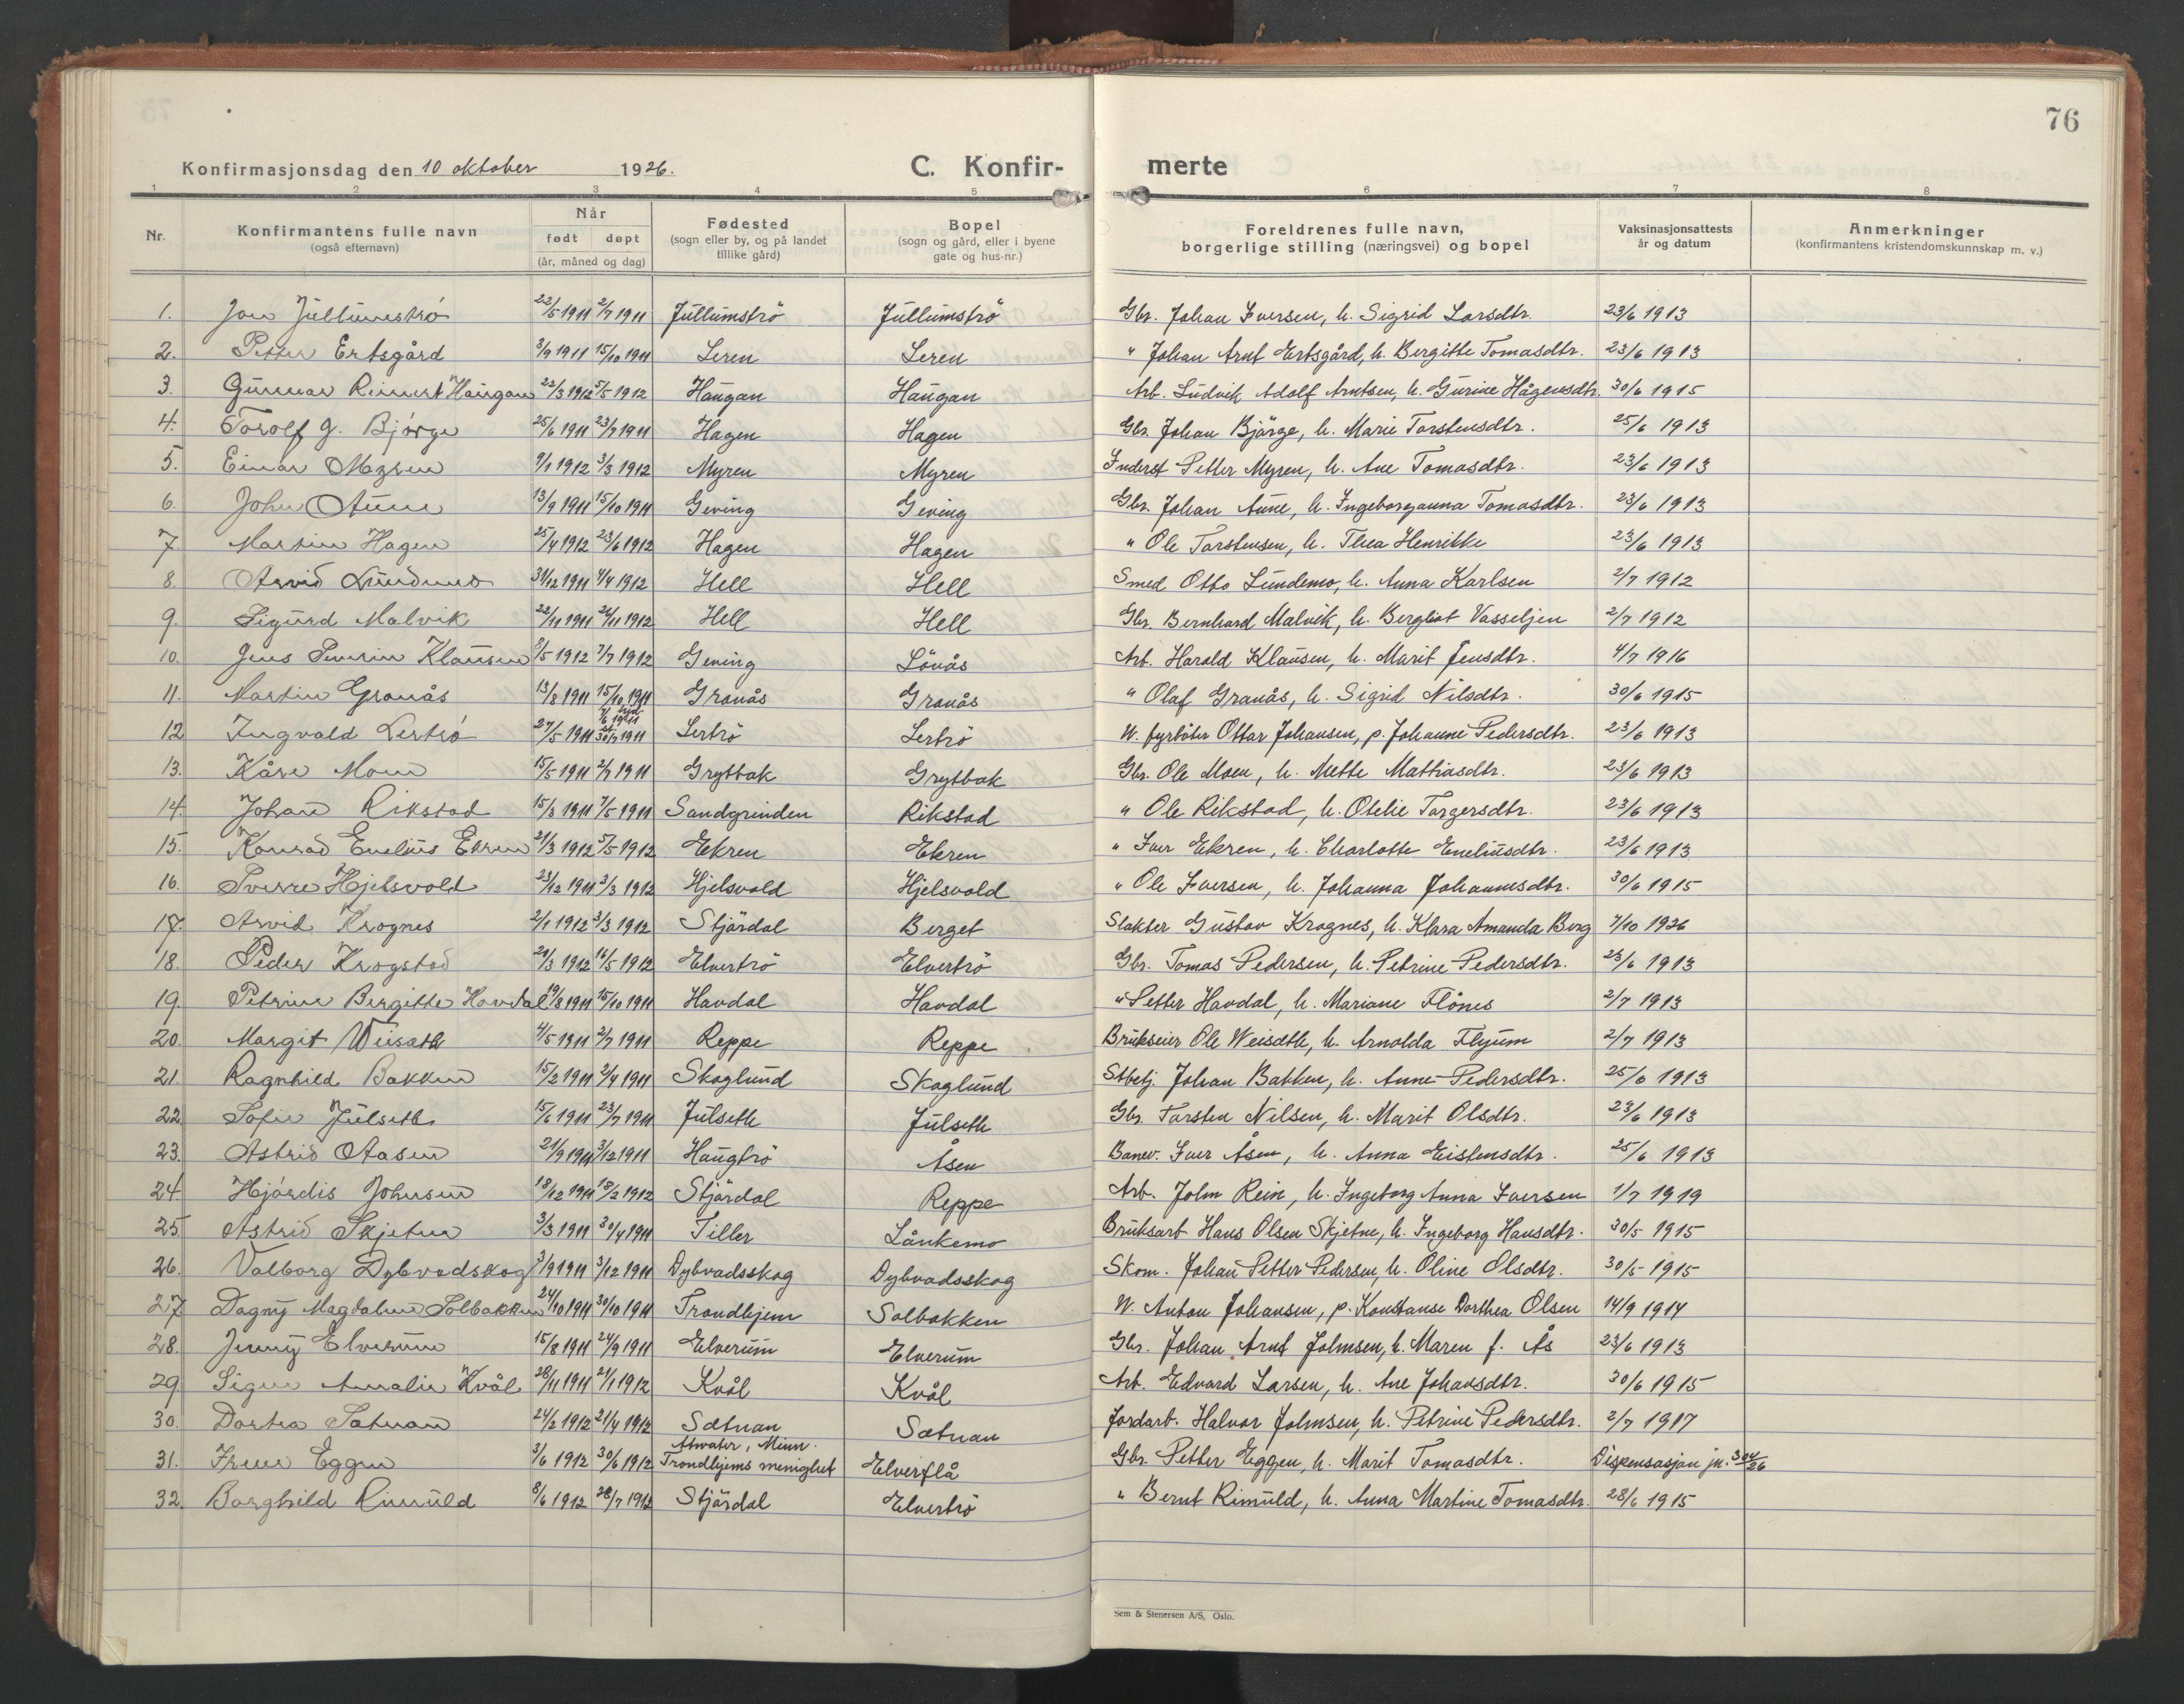 SAT, Ministerialprotokoller, klokkerbøker og fødselsregistre - Nord-Trøndelag, 710/L0097: Klokkerbok nr. 710C02, 1925-1955, s. 76